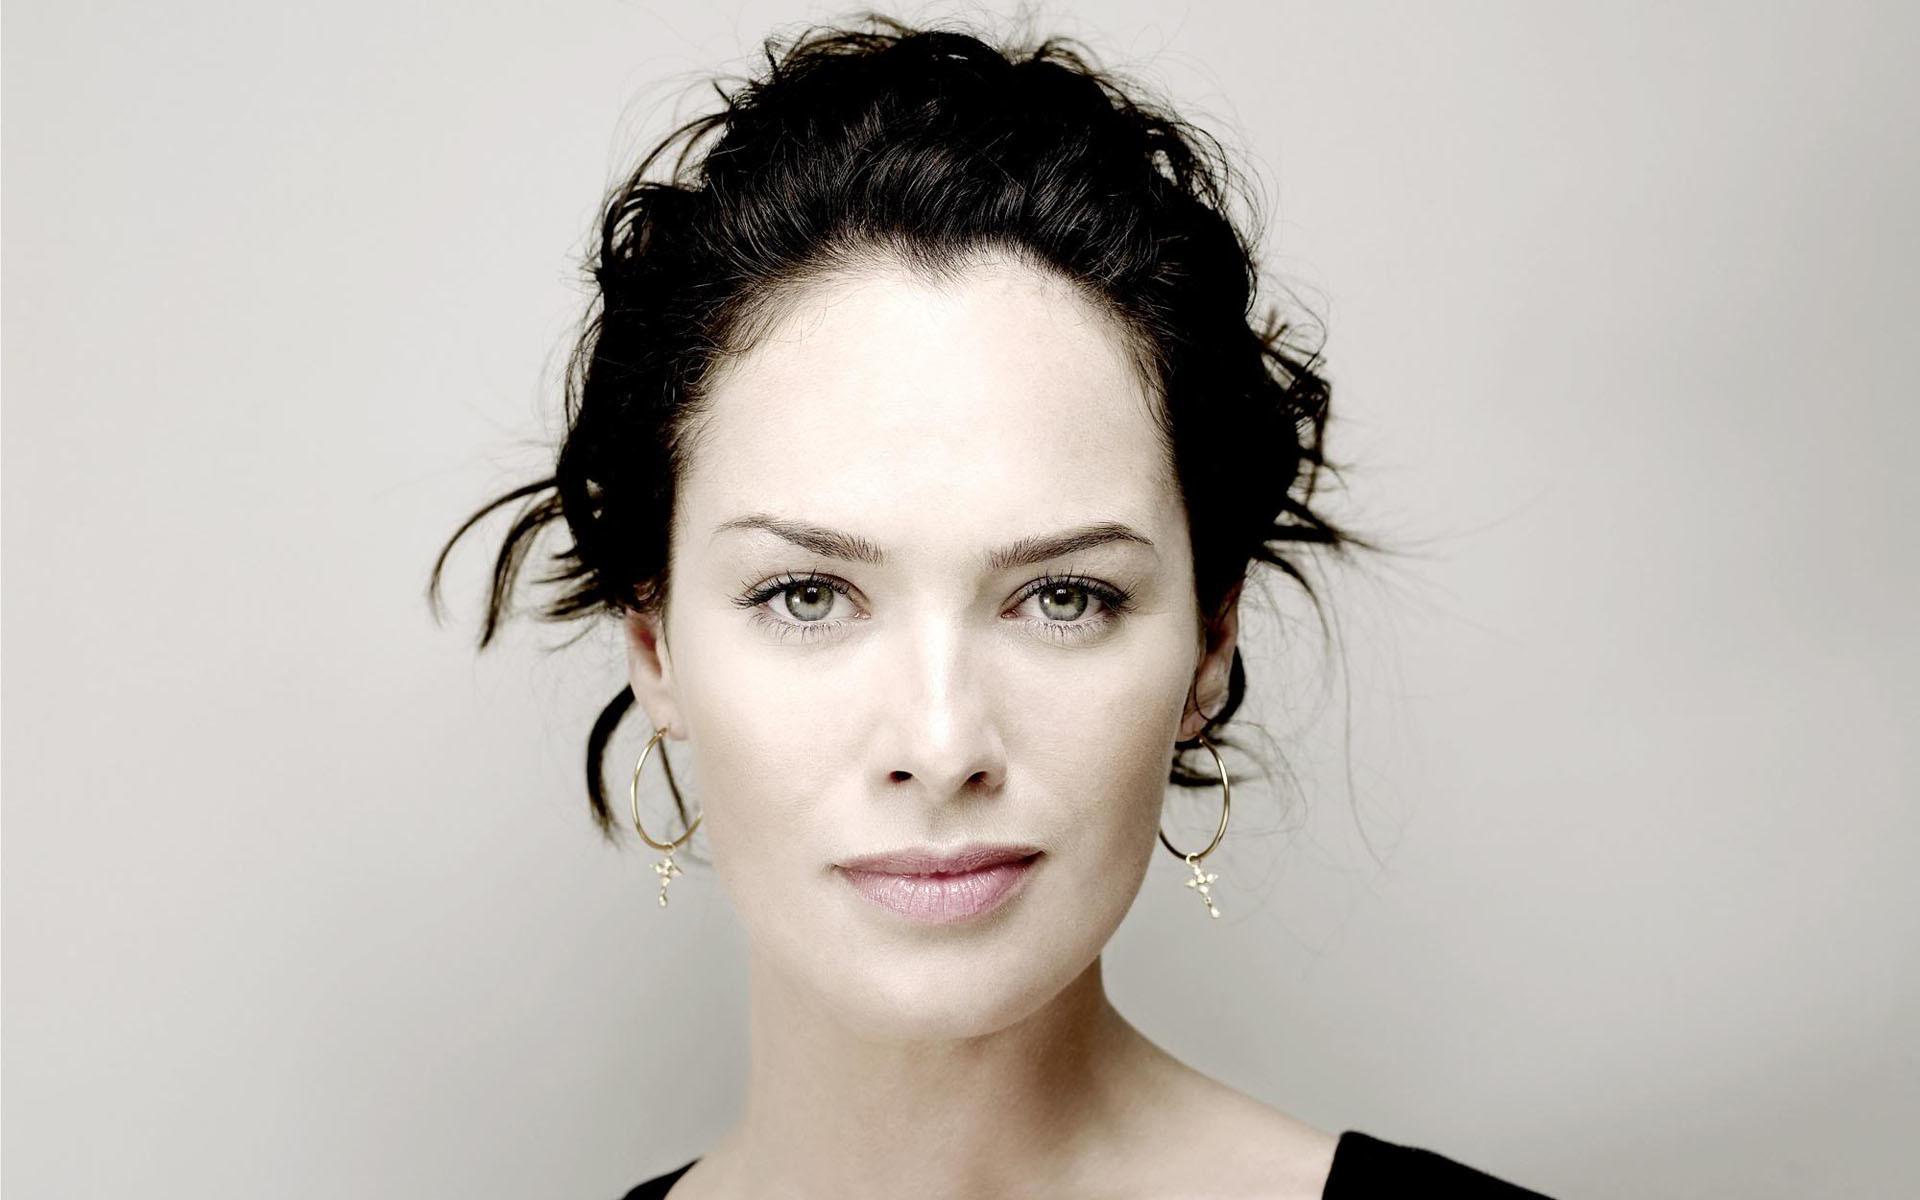 Diperankan oleh Lena Headey